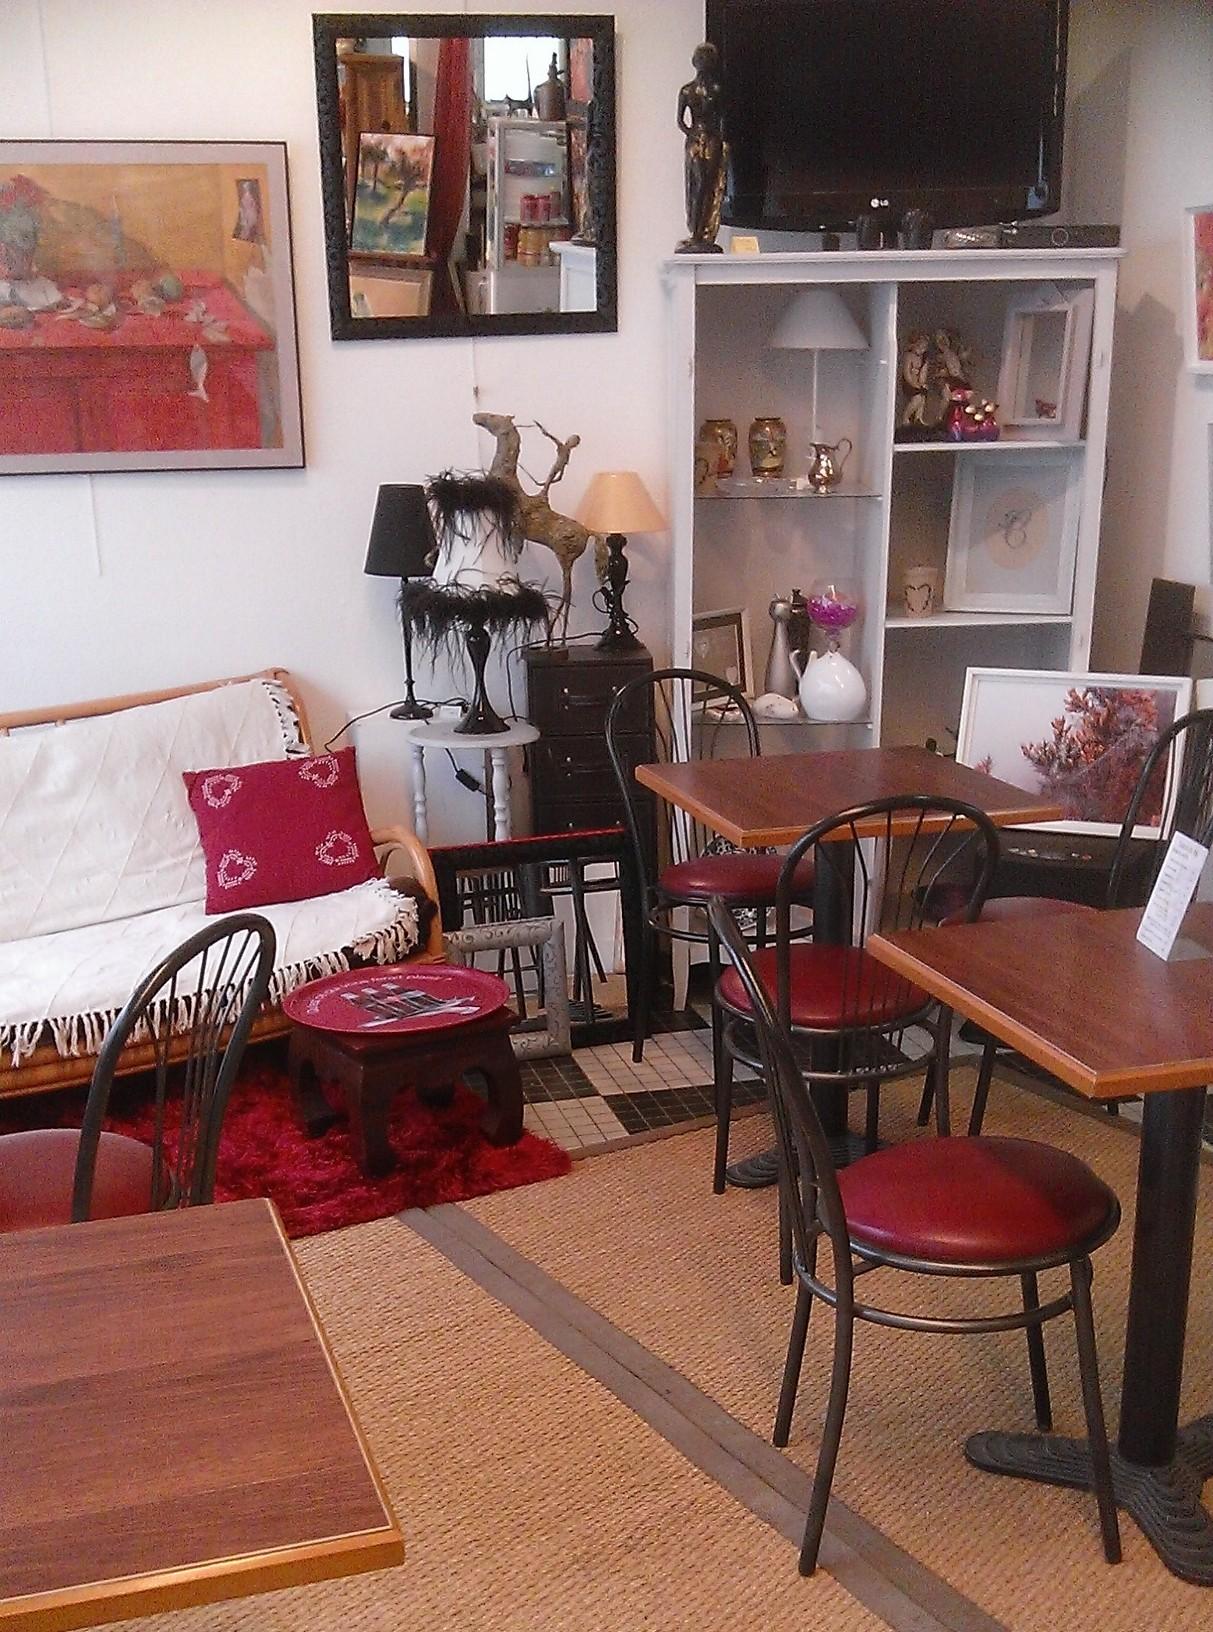 Salon de th brocante centre ville de caen for Salon brocante